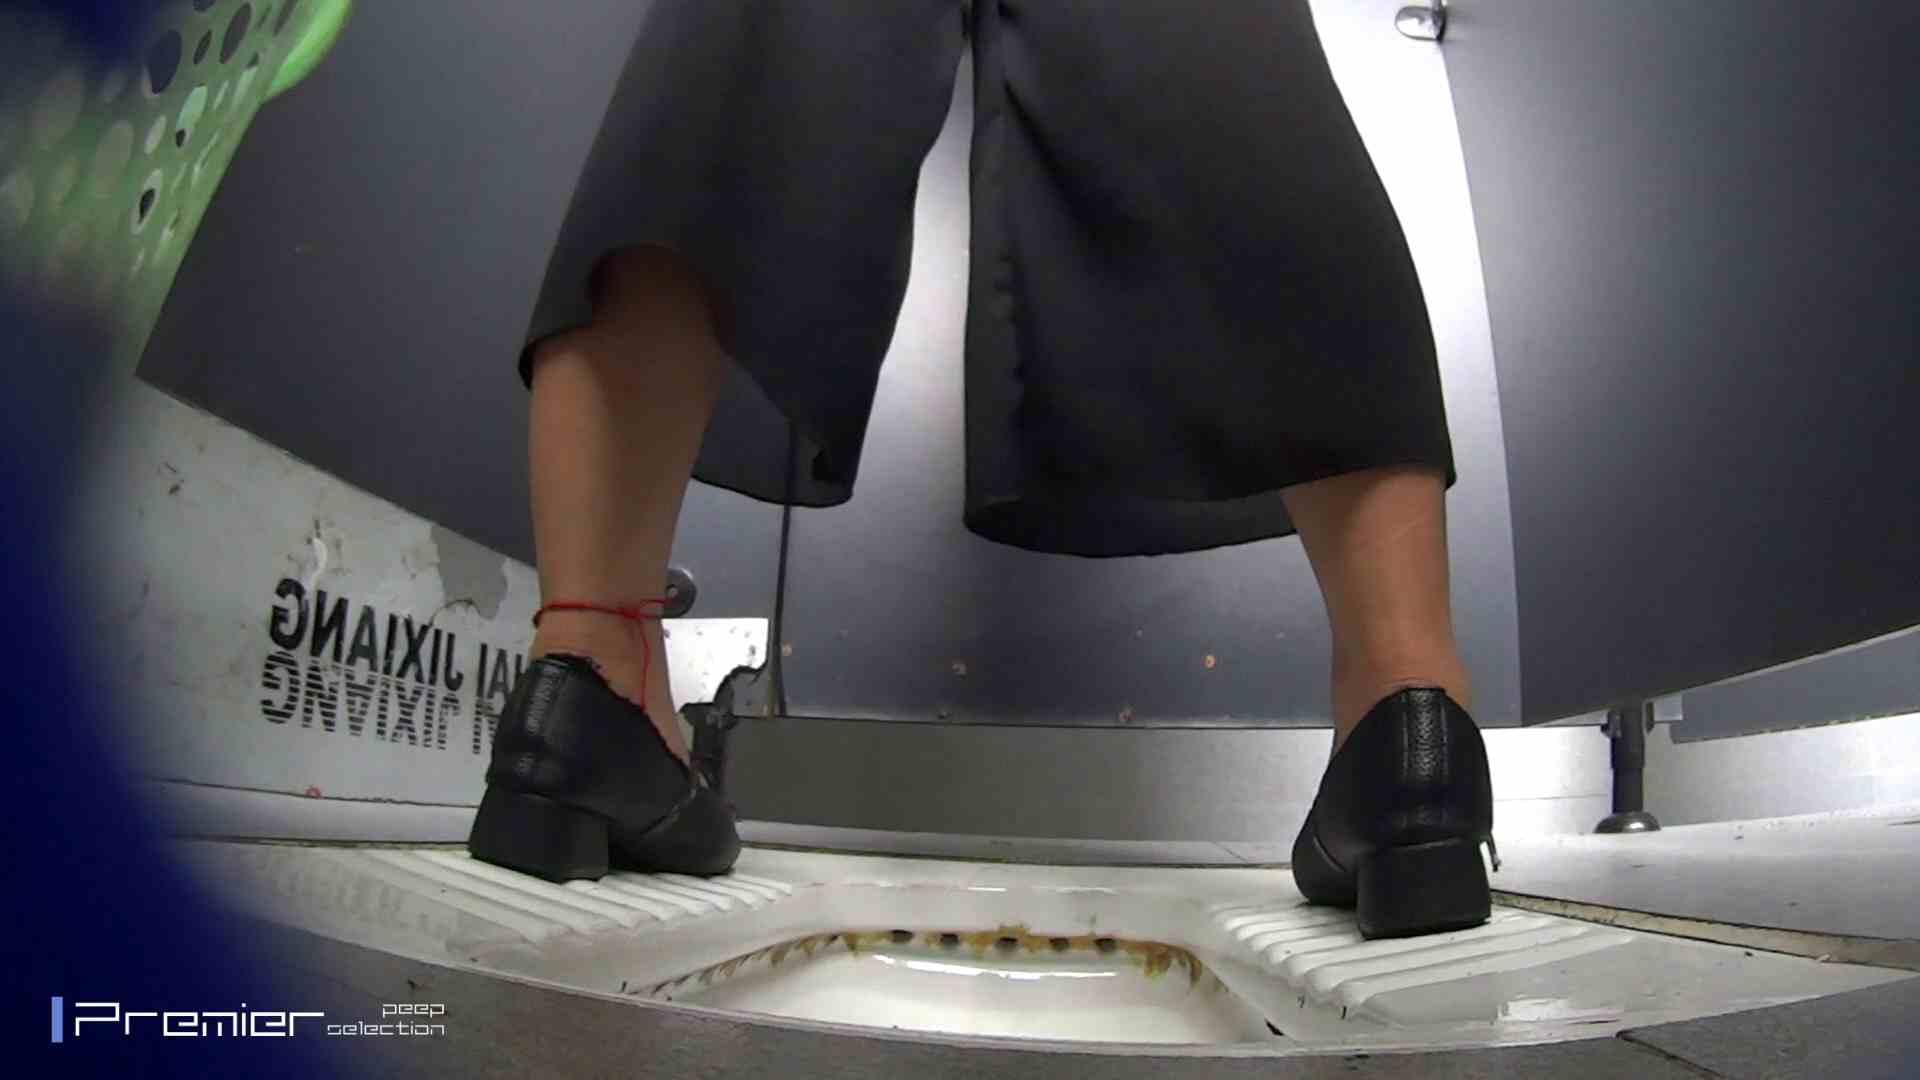 夏全開!ハーフパンツのギャル達 大学休憩時間の洗面所事情44 ギャル ヌード画像 60連発 3